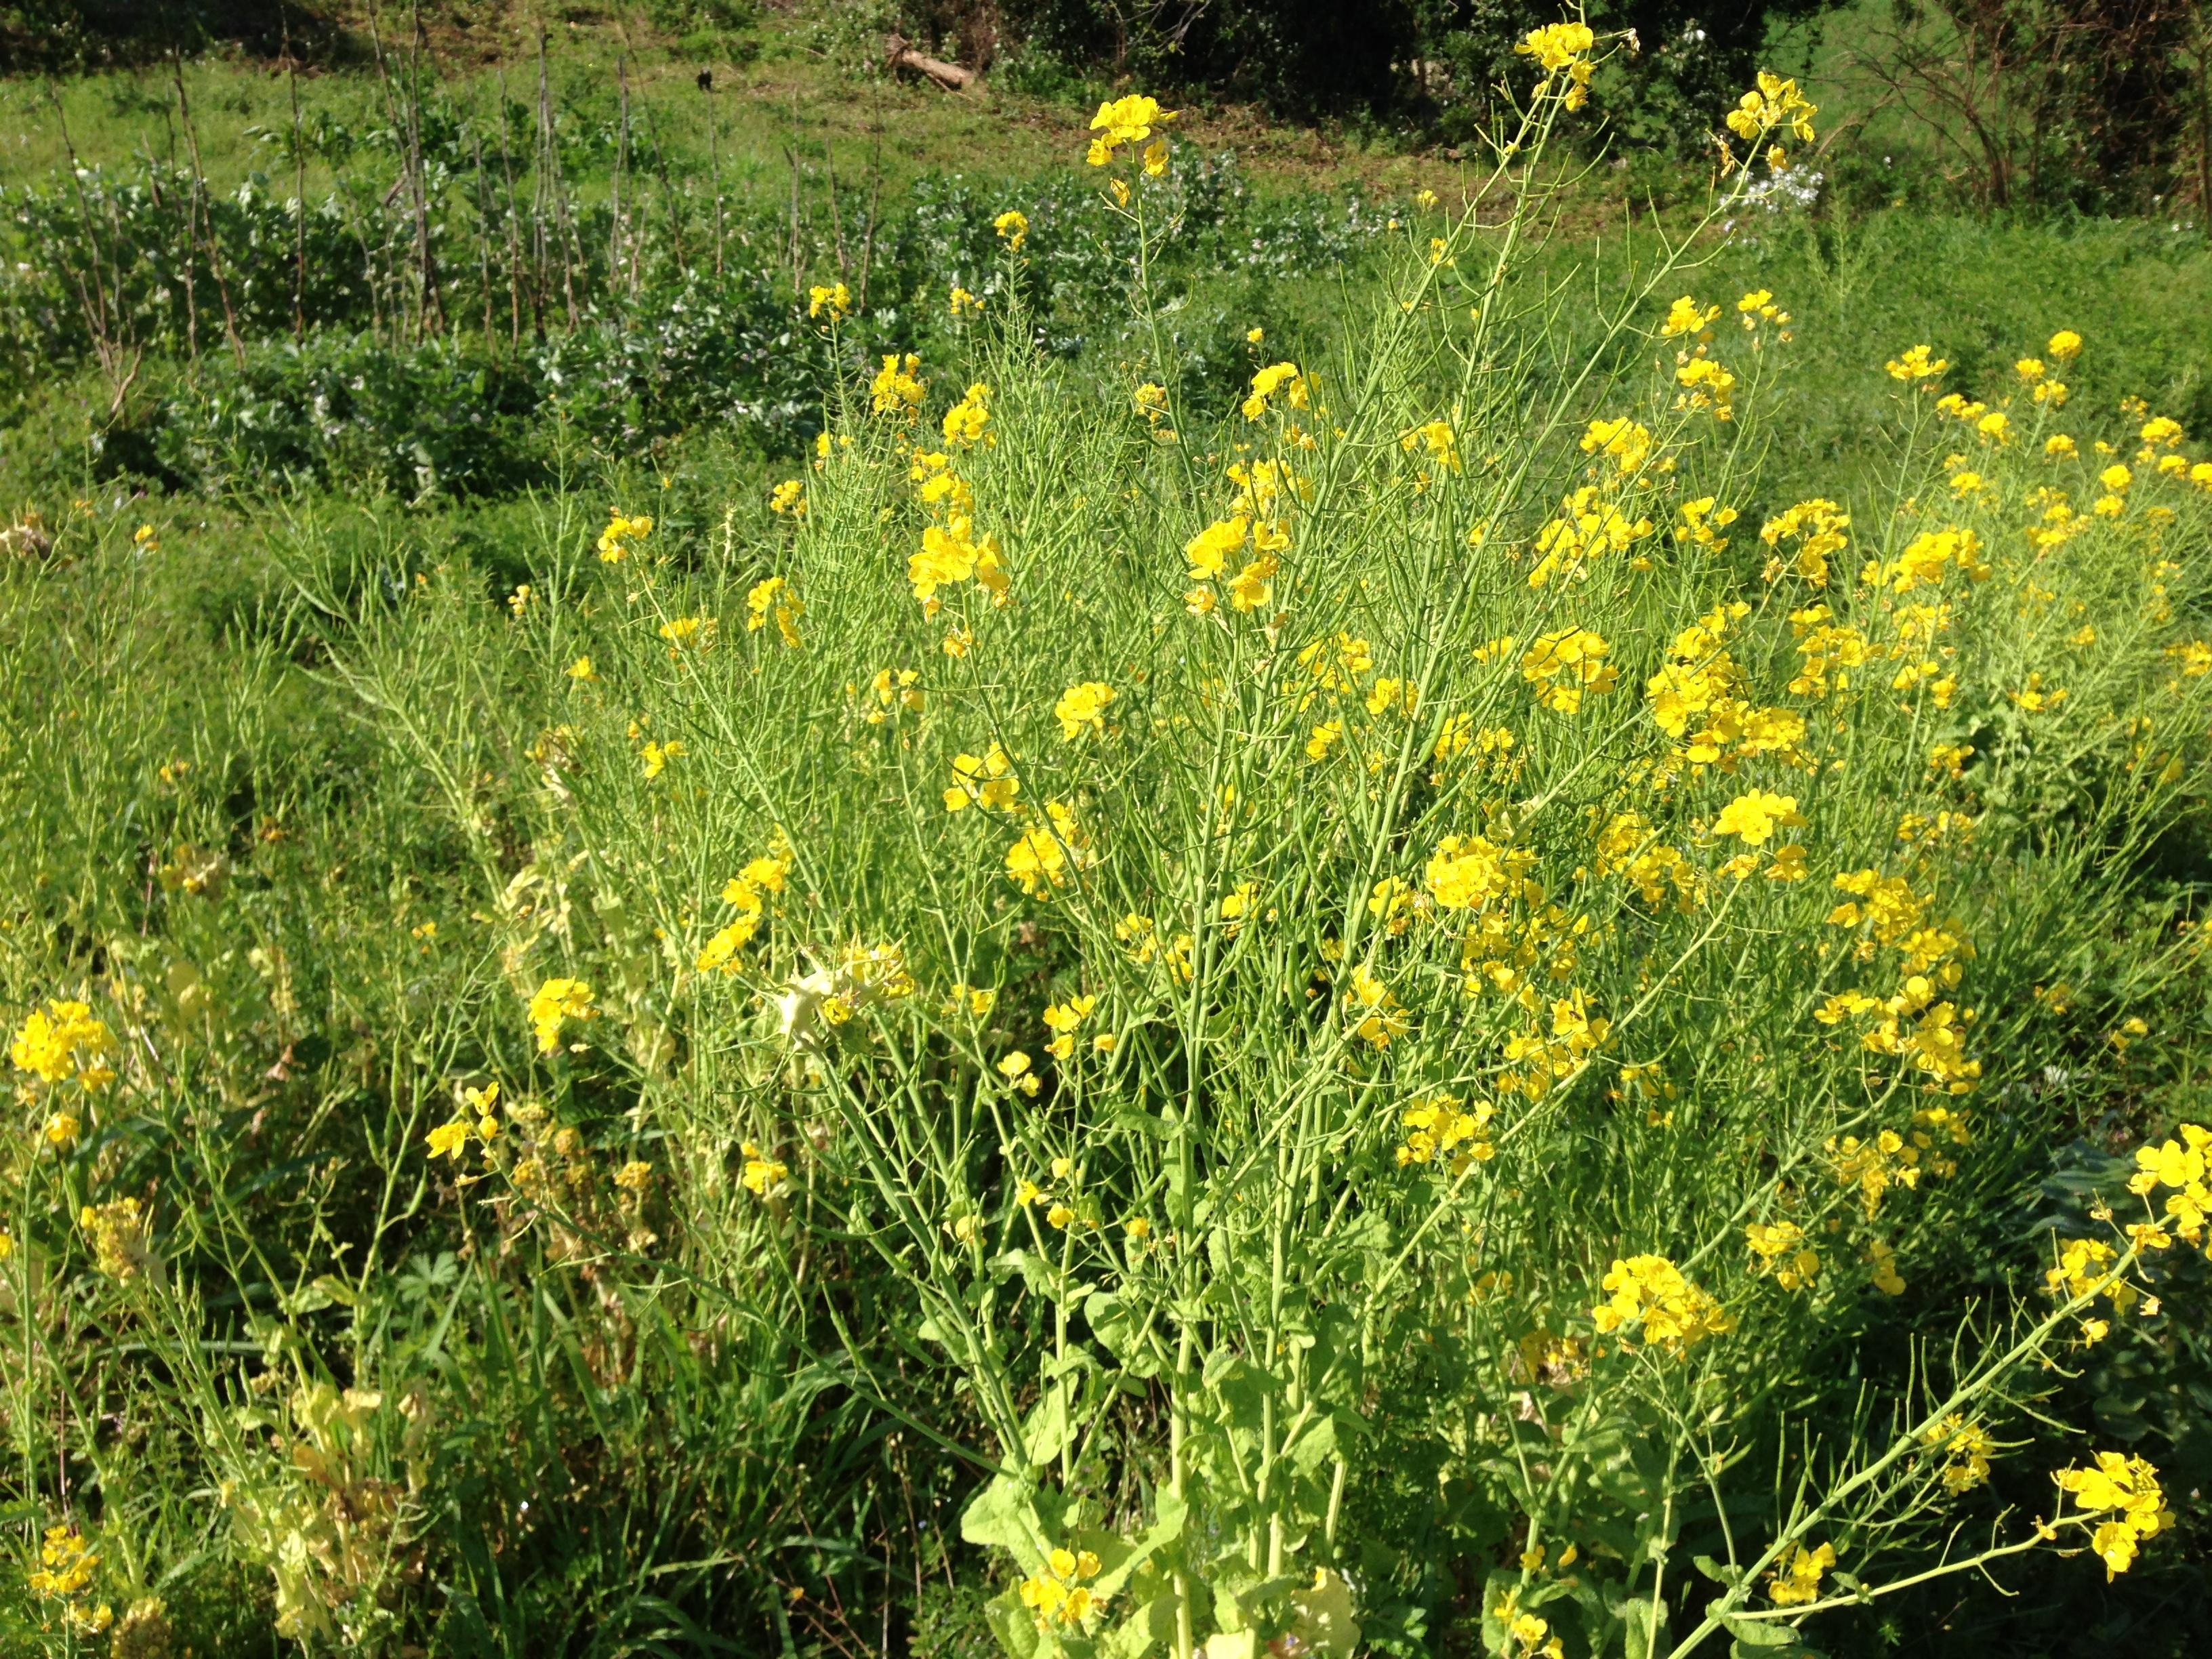 そら豆の管理から、草との向き合い方を考える